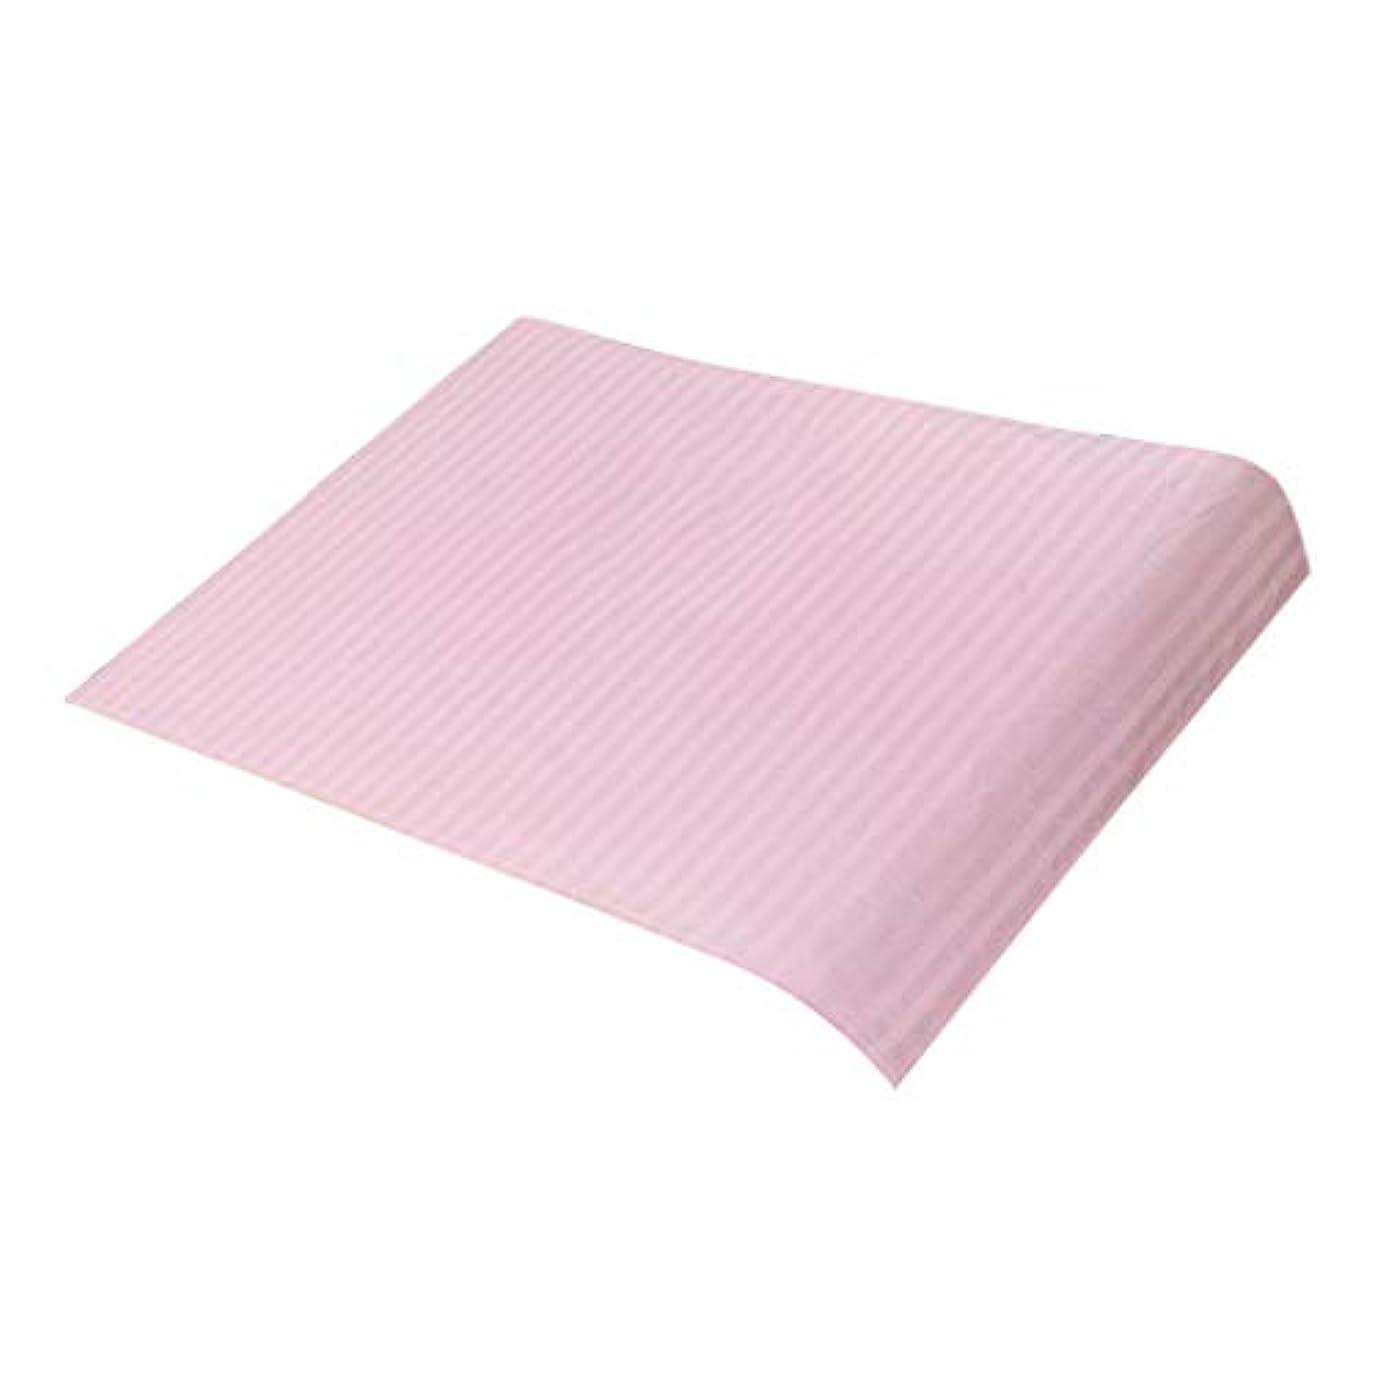 デジタルお金被るSM SunniMix マッサージベッドカバー 美容ベッドカバー スパ マッサージテーブルスカート 綿素材 断面デザイン - ピンク